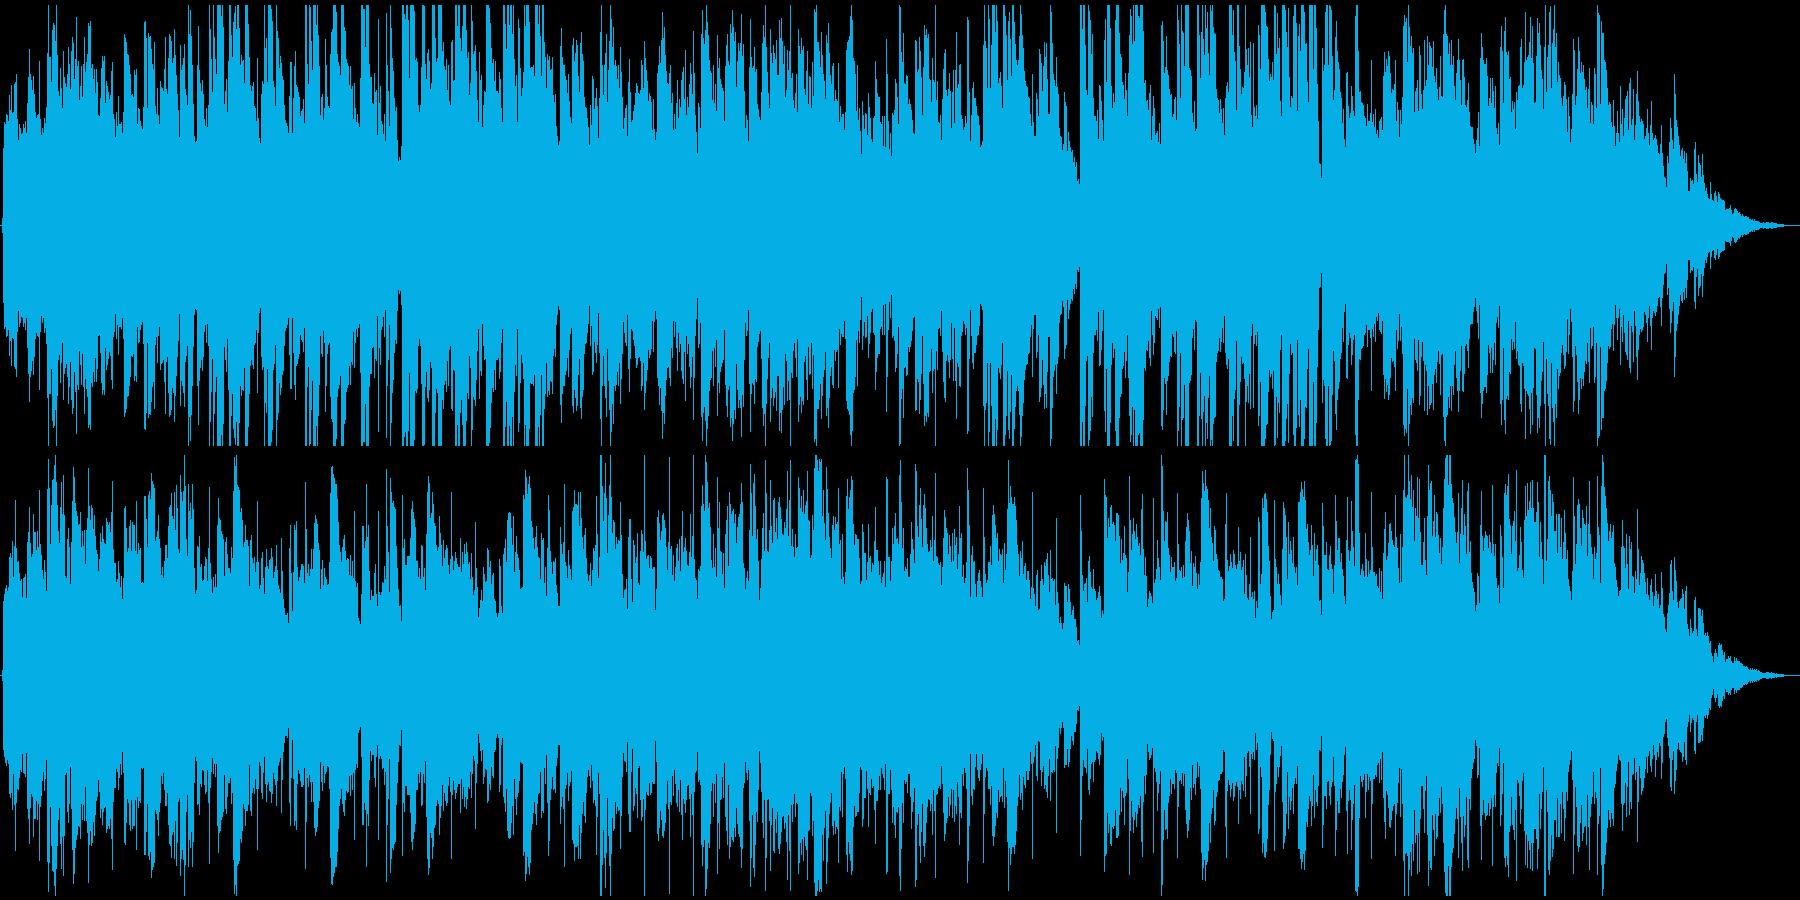 ムーディで妖艶なBGMの再生済みの波形